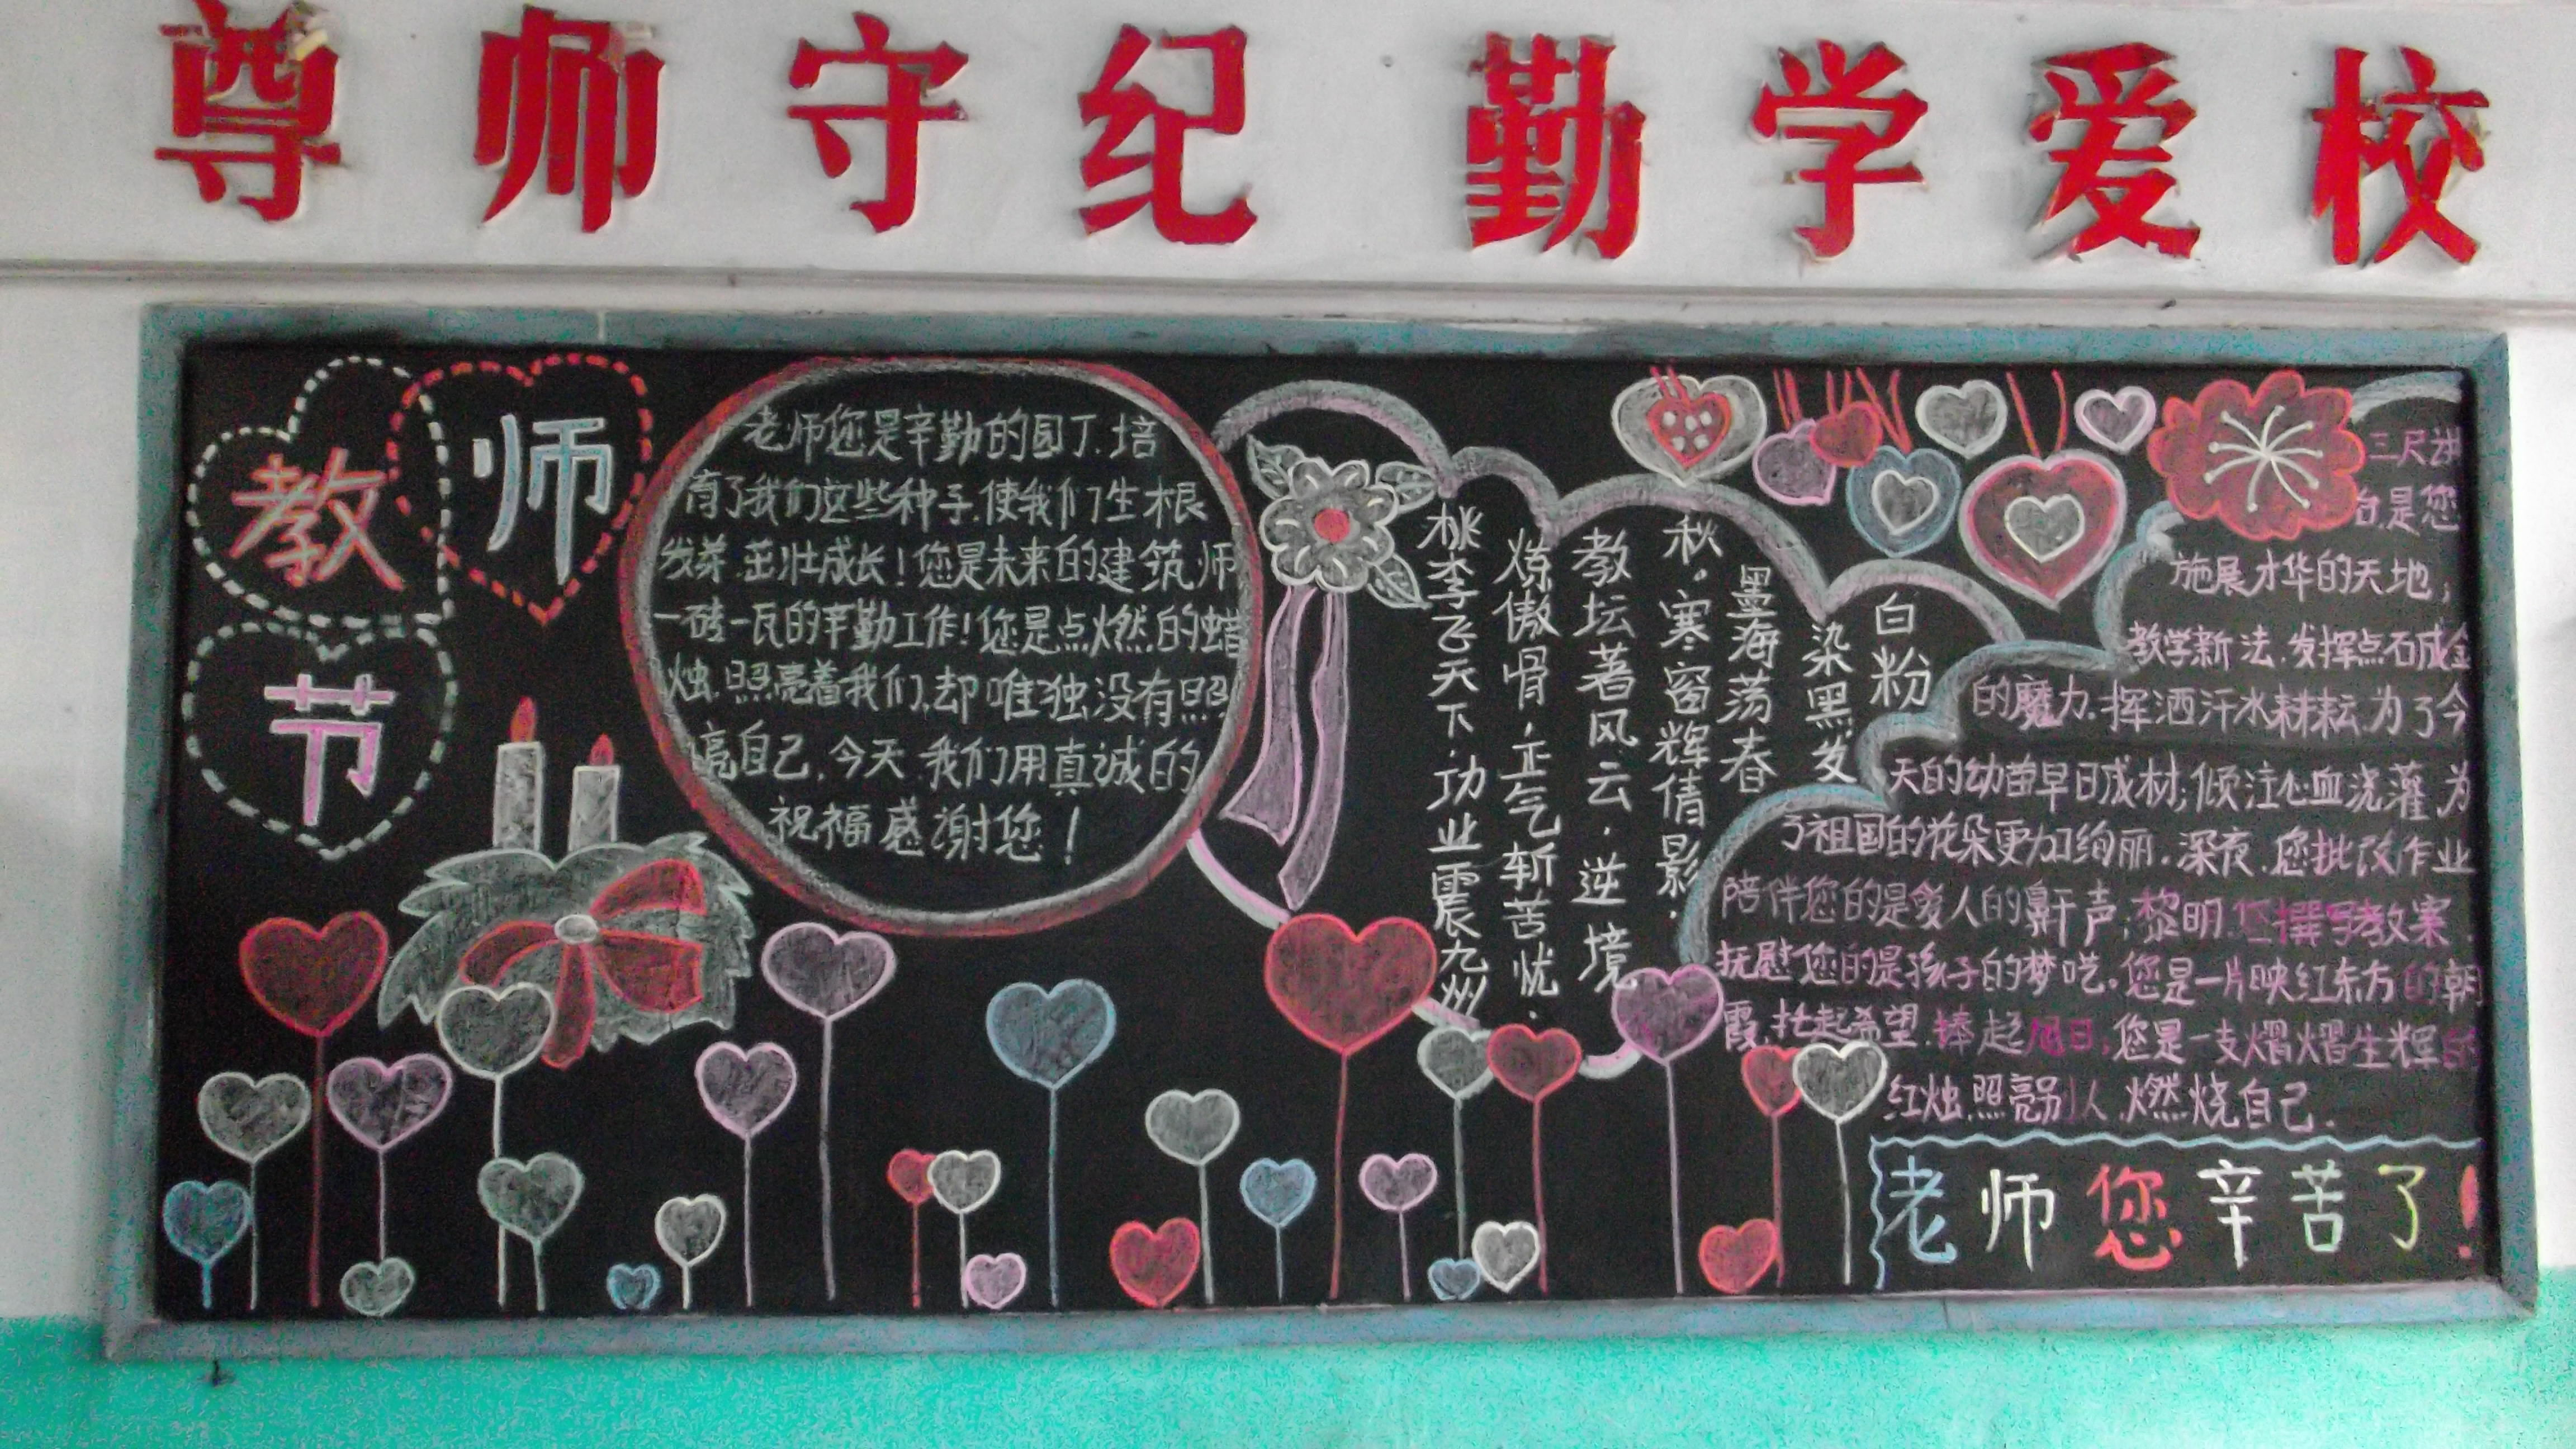 教师节黑板报初中版面设计图展示